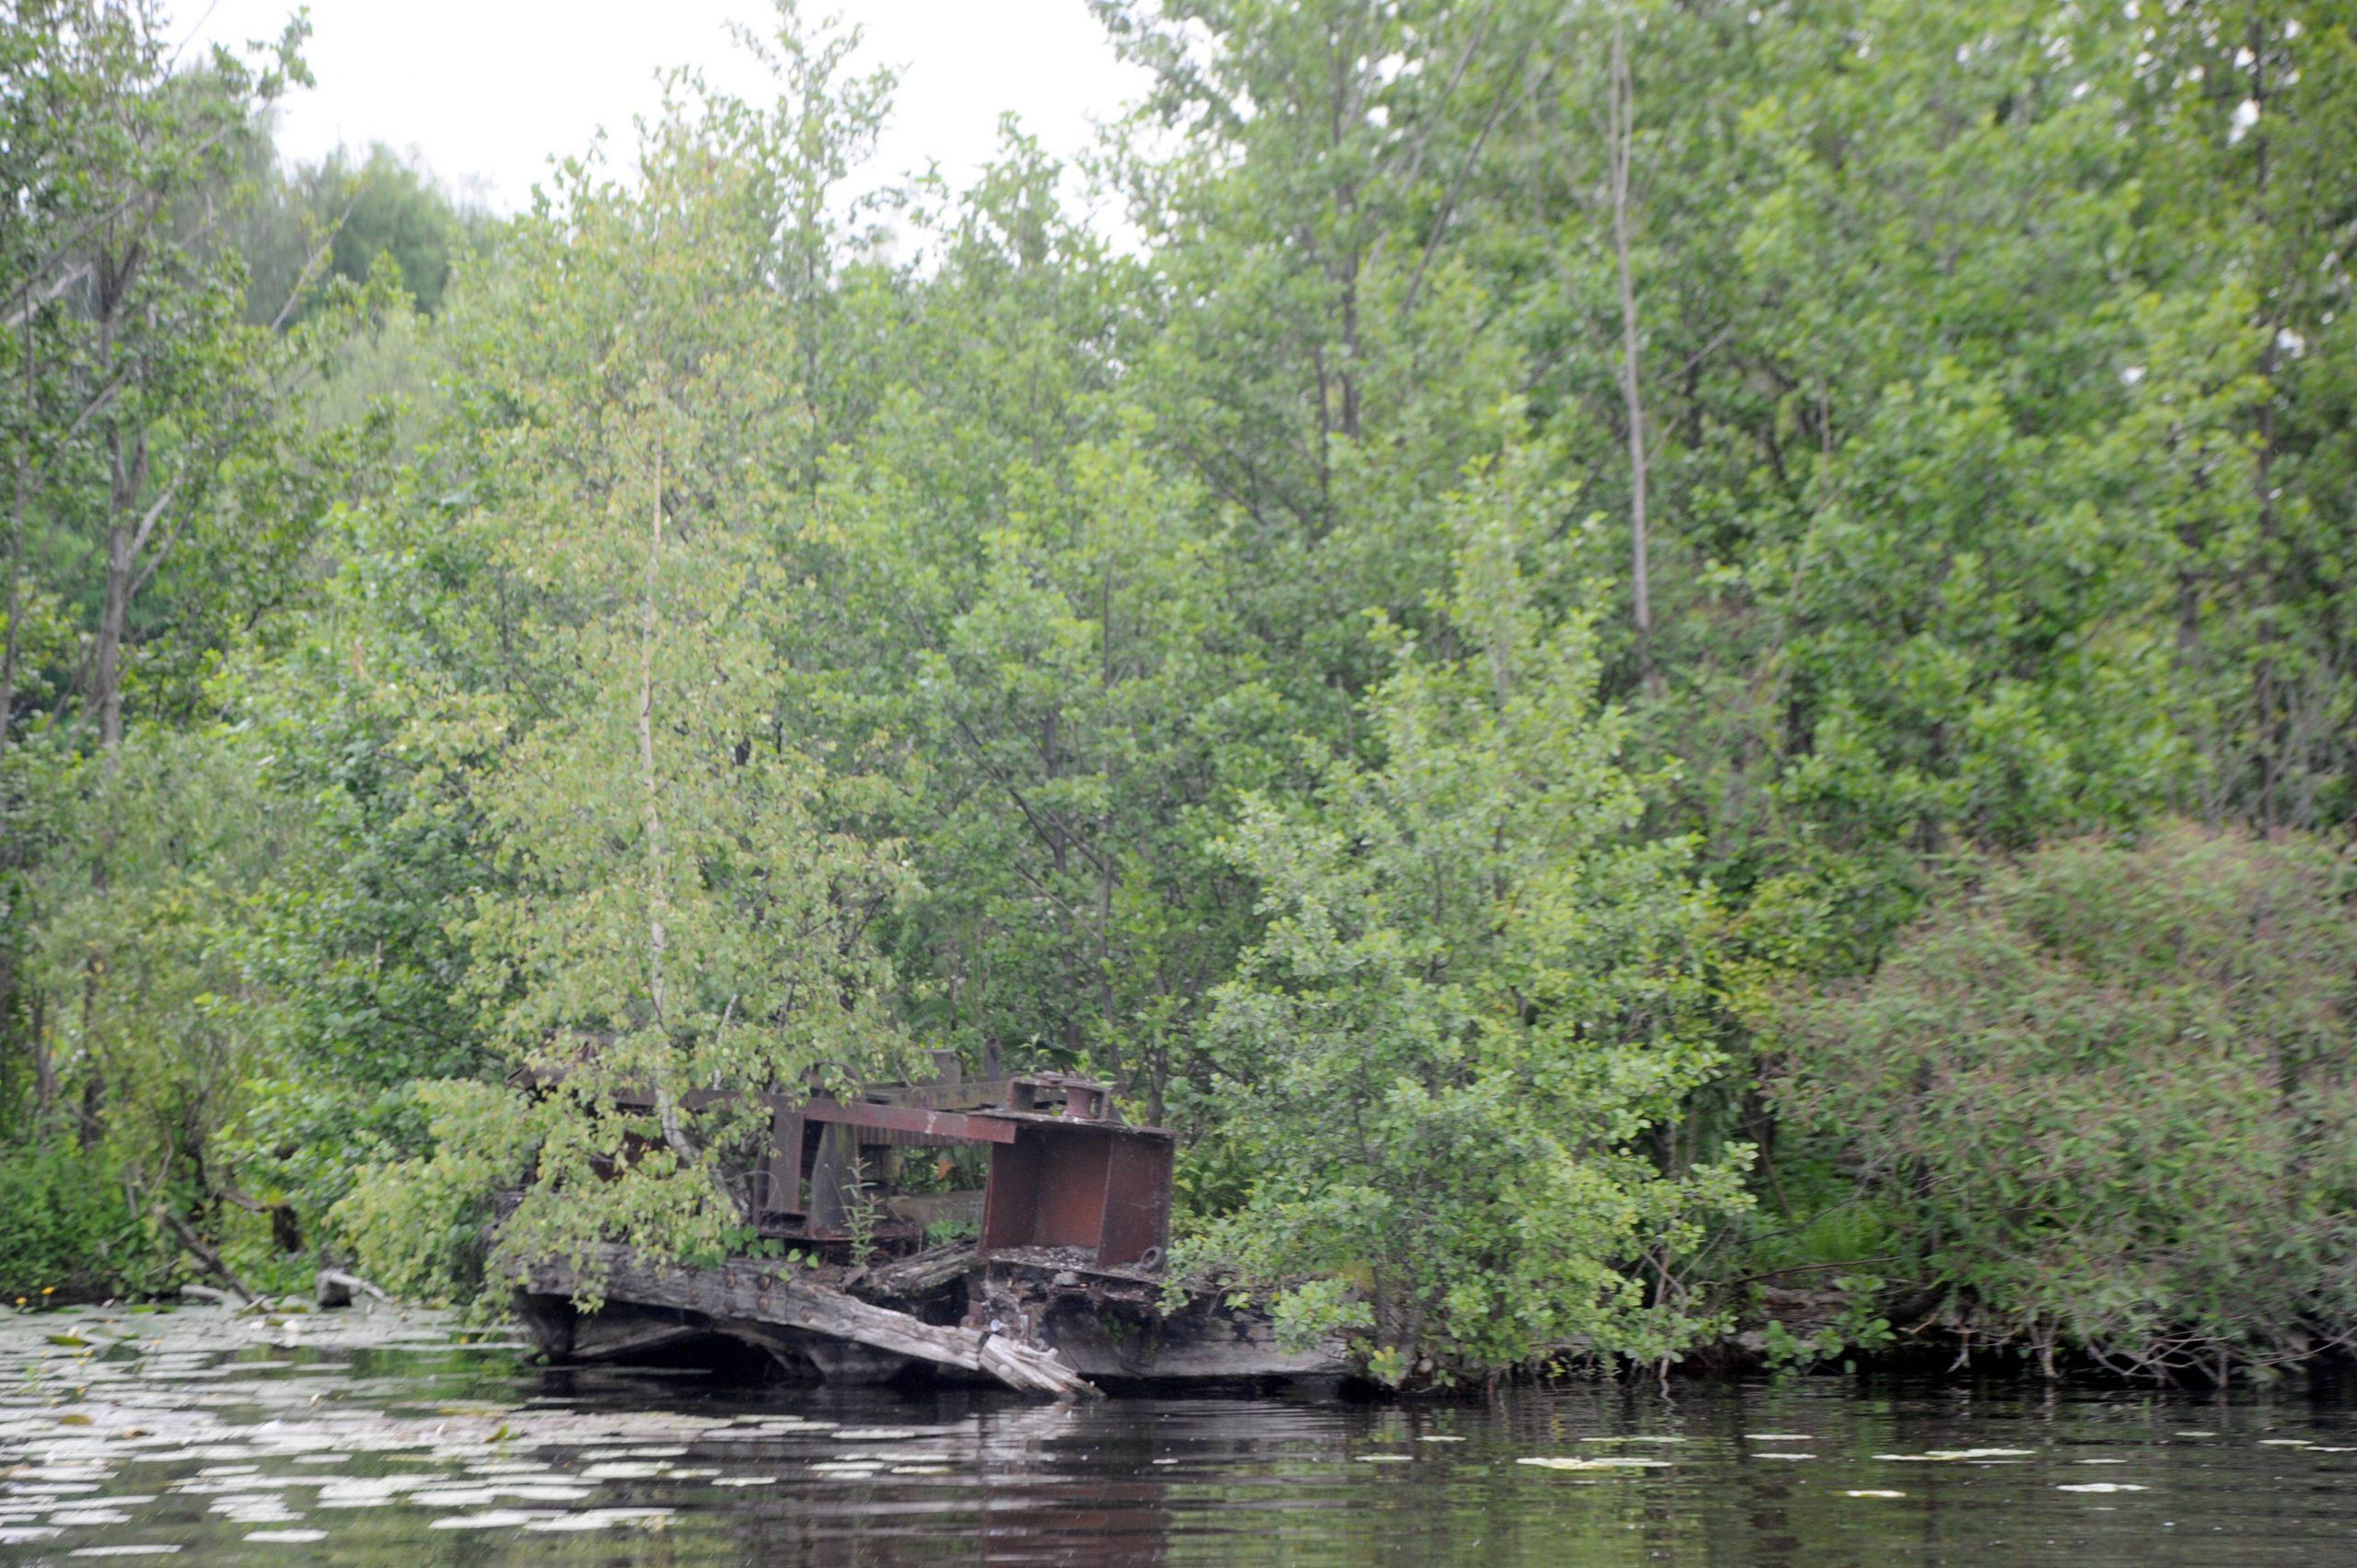 Gesunkener Mohlekahn im Nieder Neuendorfer See. Foto: Imago/Horstmann